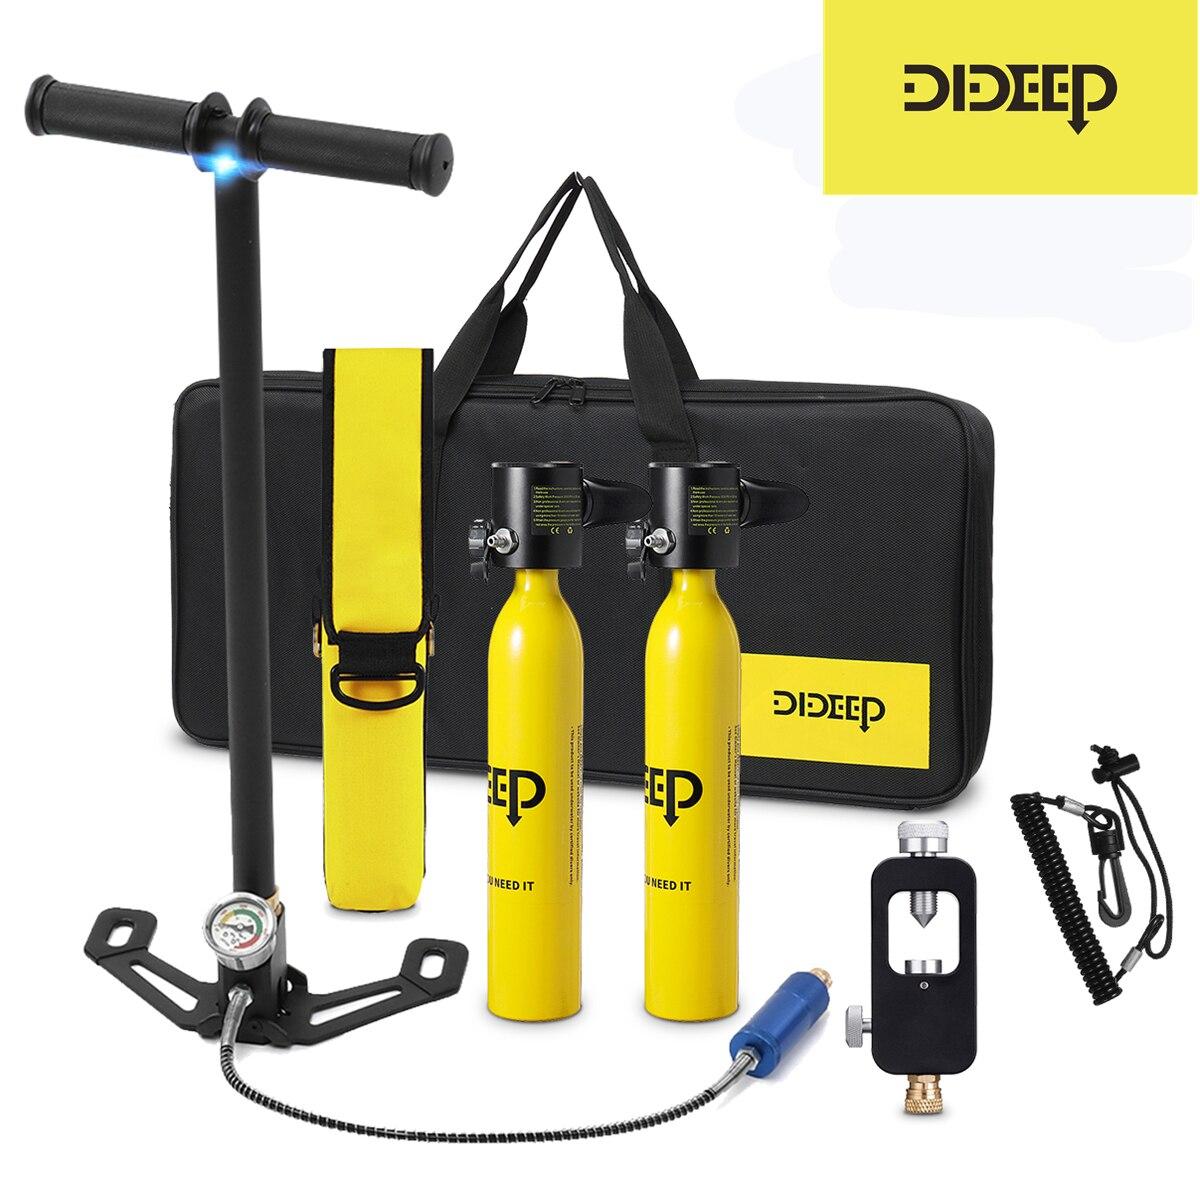 DIDEEP 0.5L Дайвинг Танк кислородный мини-цилиндр комплект респиратор Воздушный бак ручной насос для подводного плавания дыхание снаряжение дл...